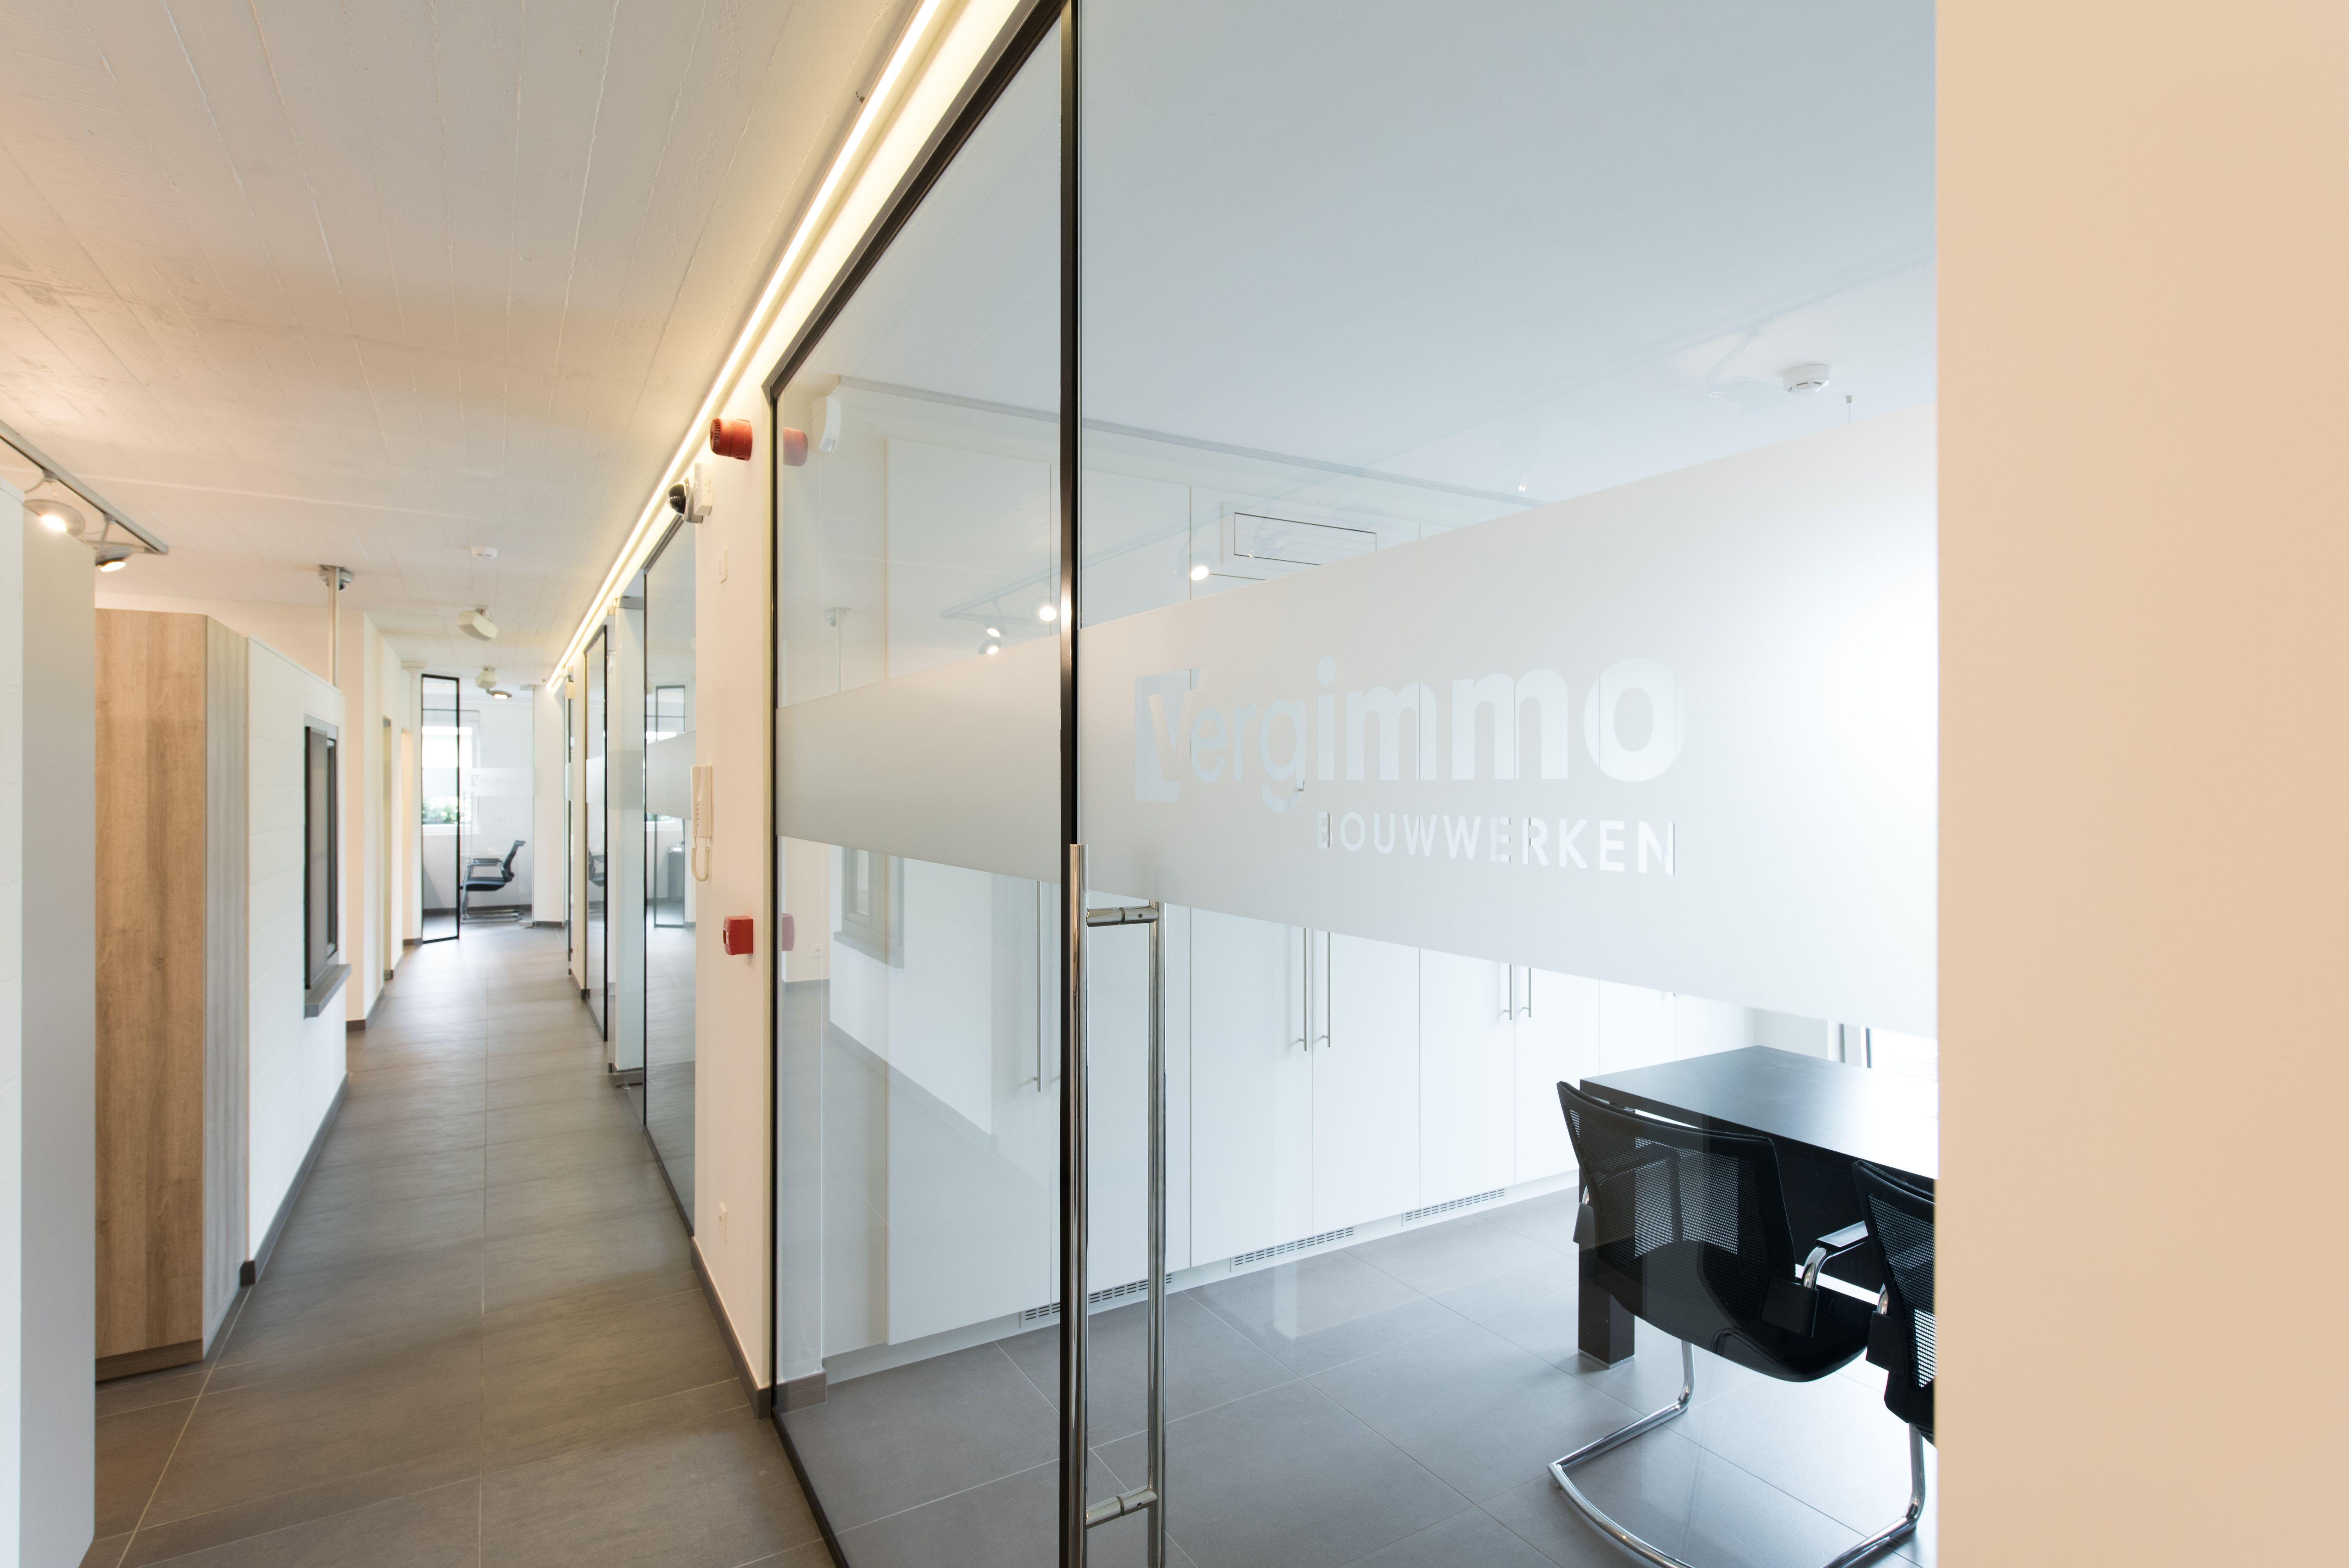 Differend Interior Design - Burelen met glas in zwarte profielen en ...